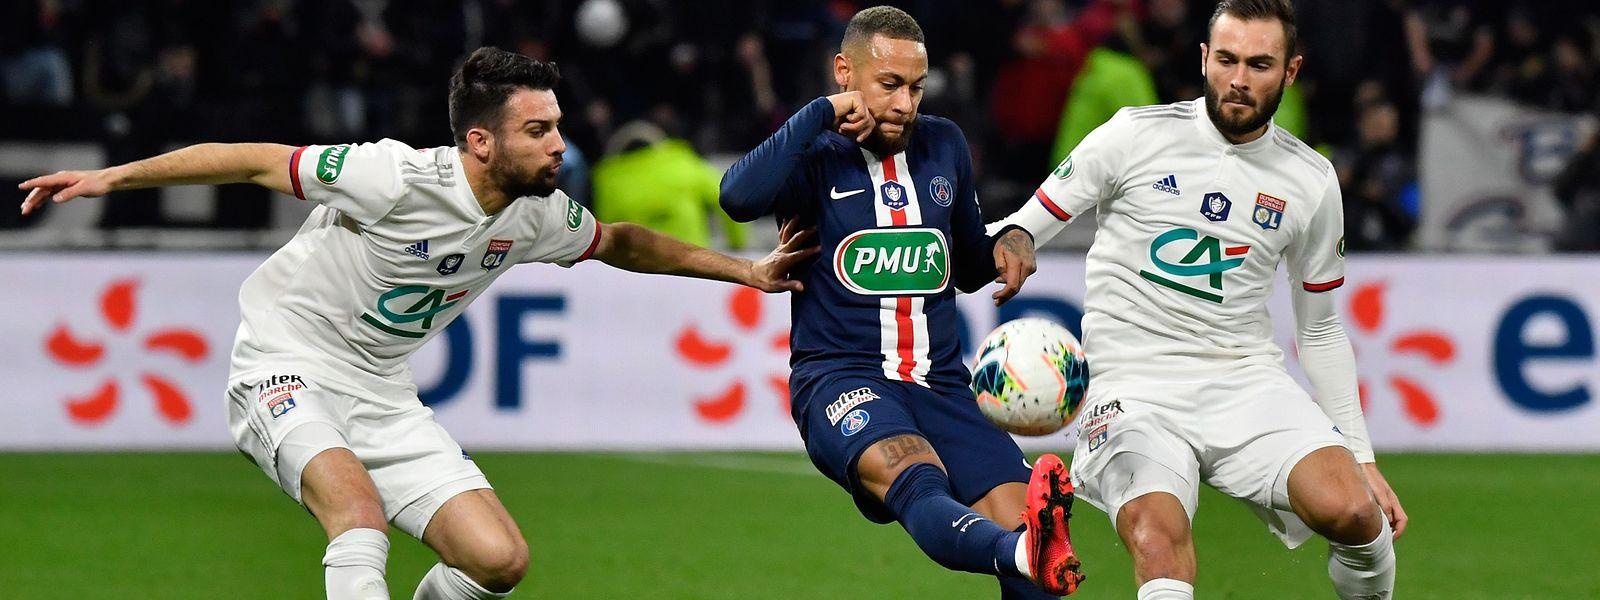 Le Paris Saint-Germain compte beaucoup sur Neymar pour le sortir d'un mauvais pas.